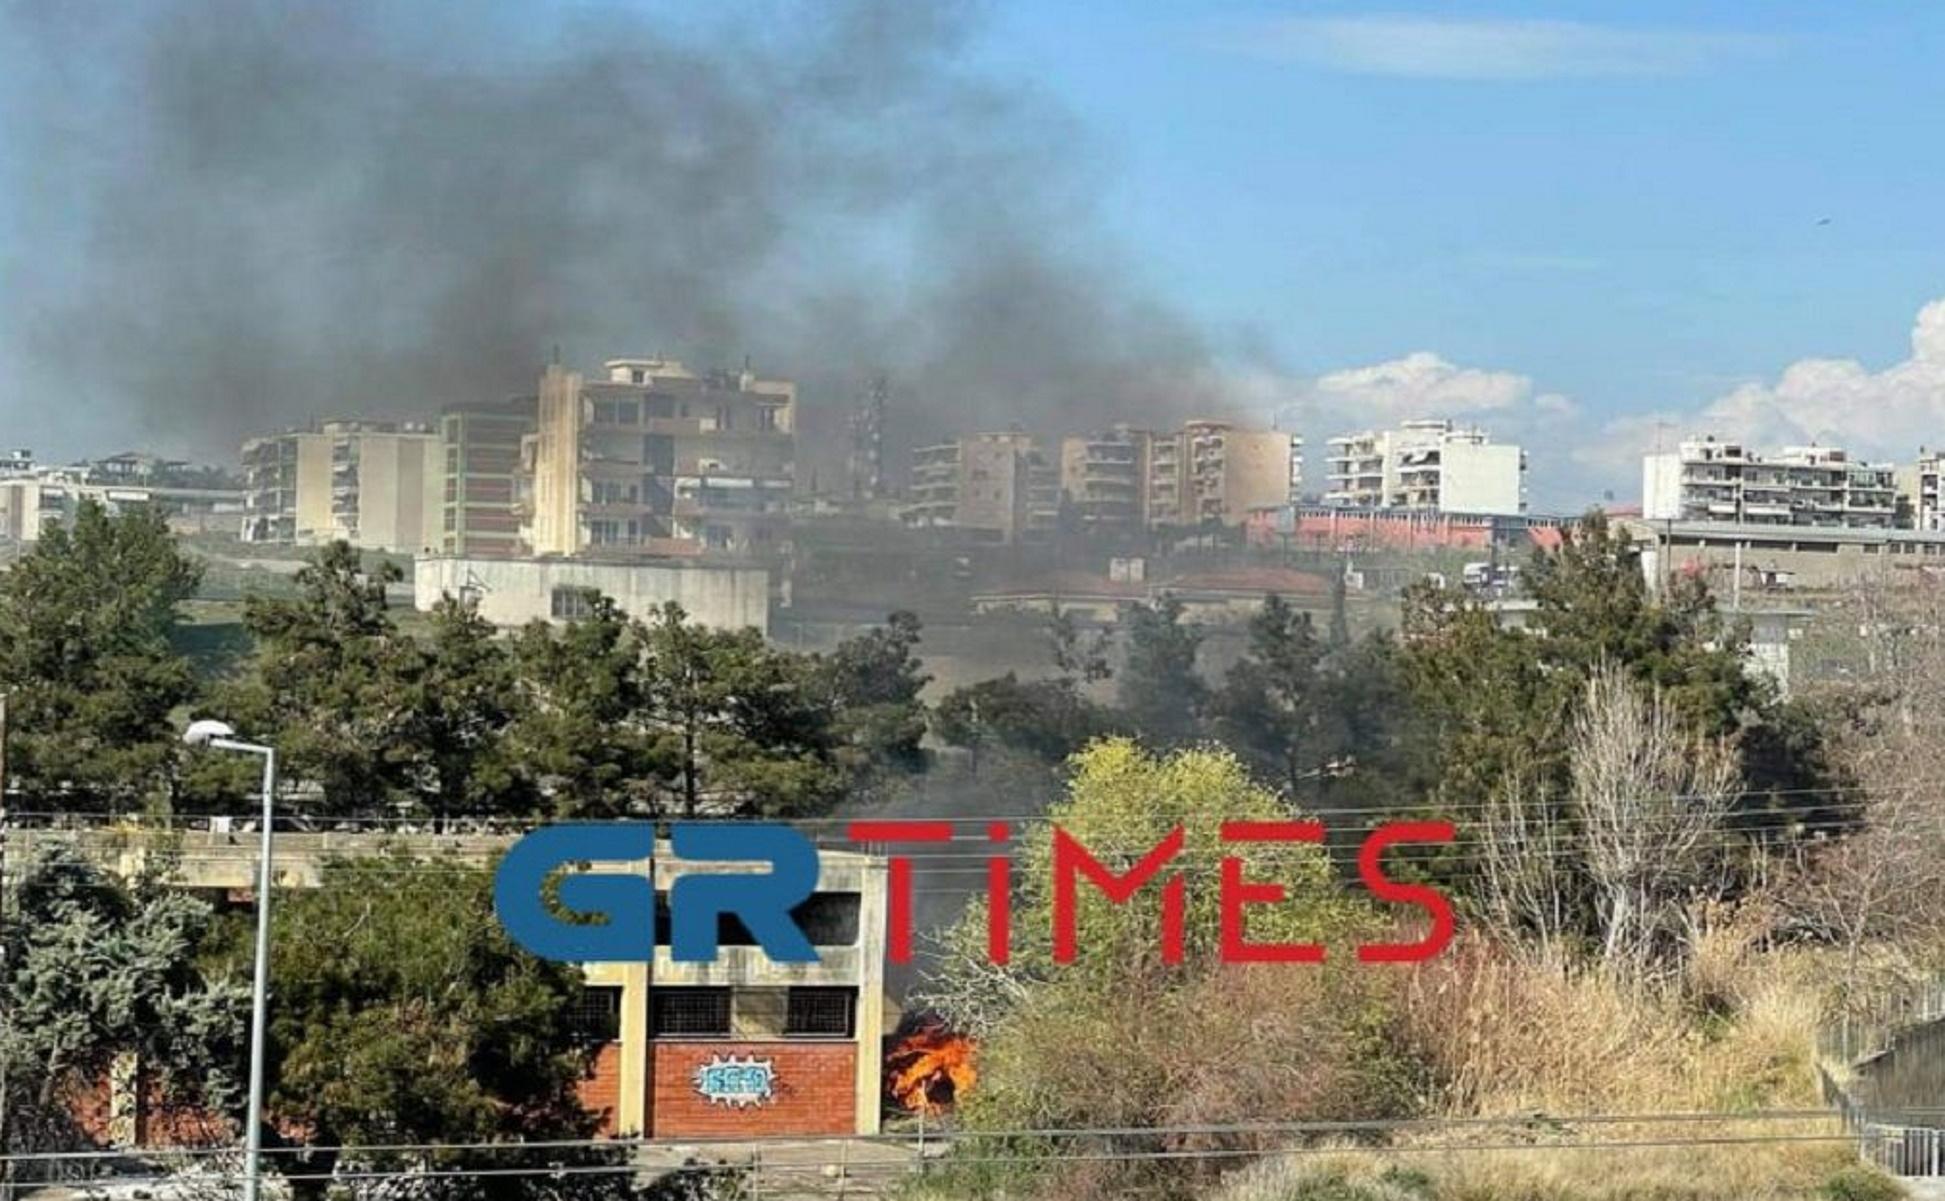 Φωτιά στον περιφερειακό Θεσσαλονίκης: Μαύρος καπνός σκέπασε τον ουρανό (pics, vid)